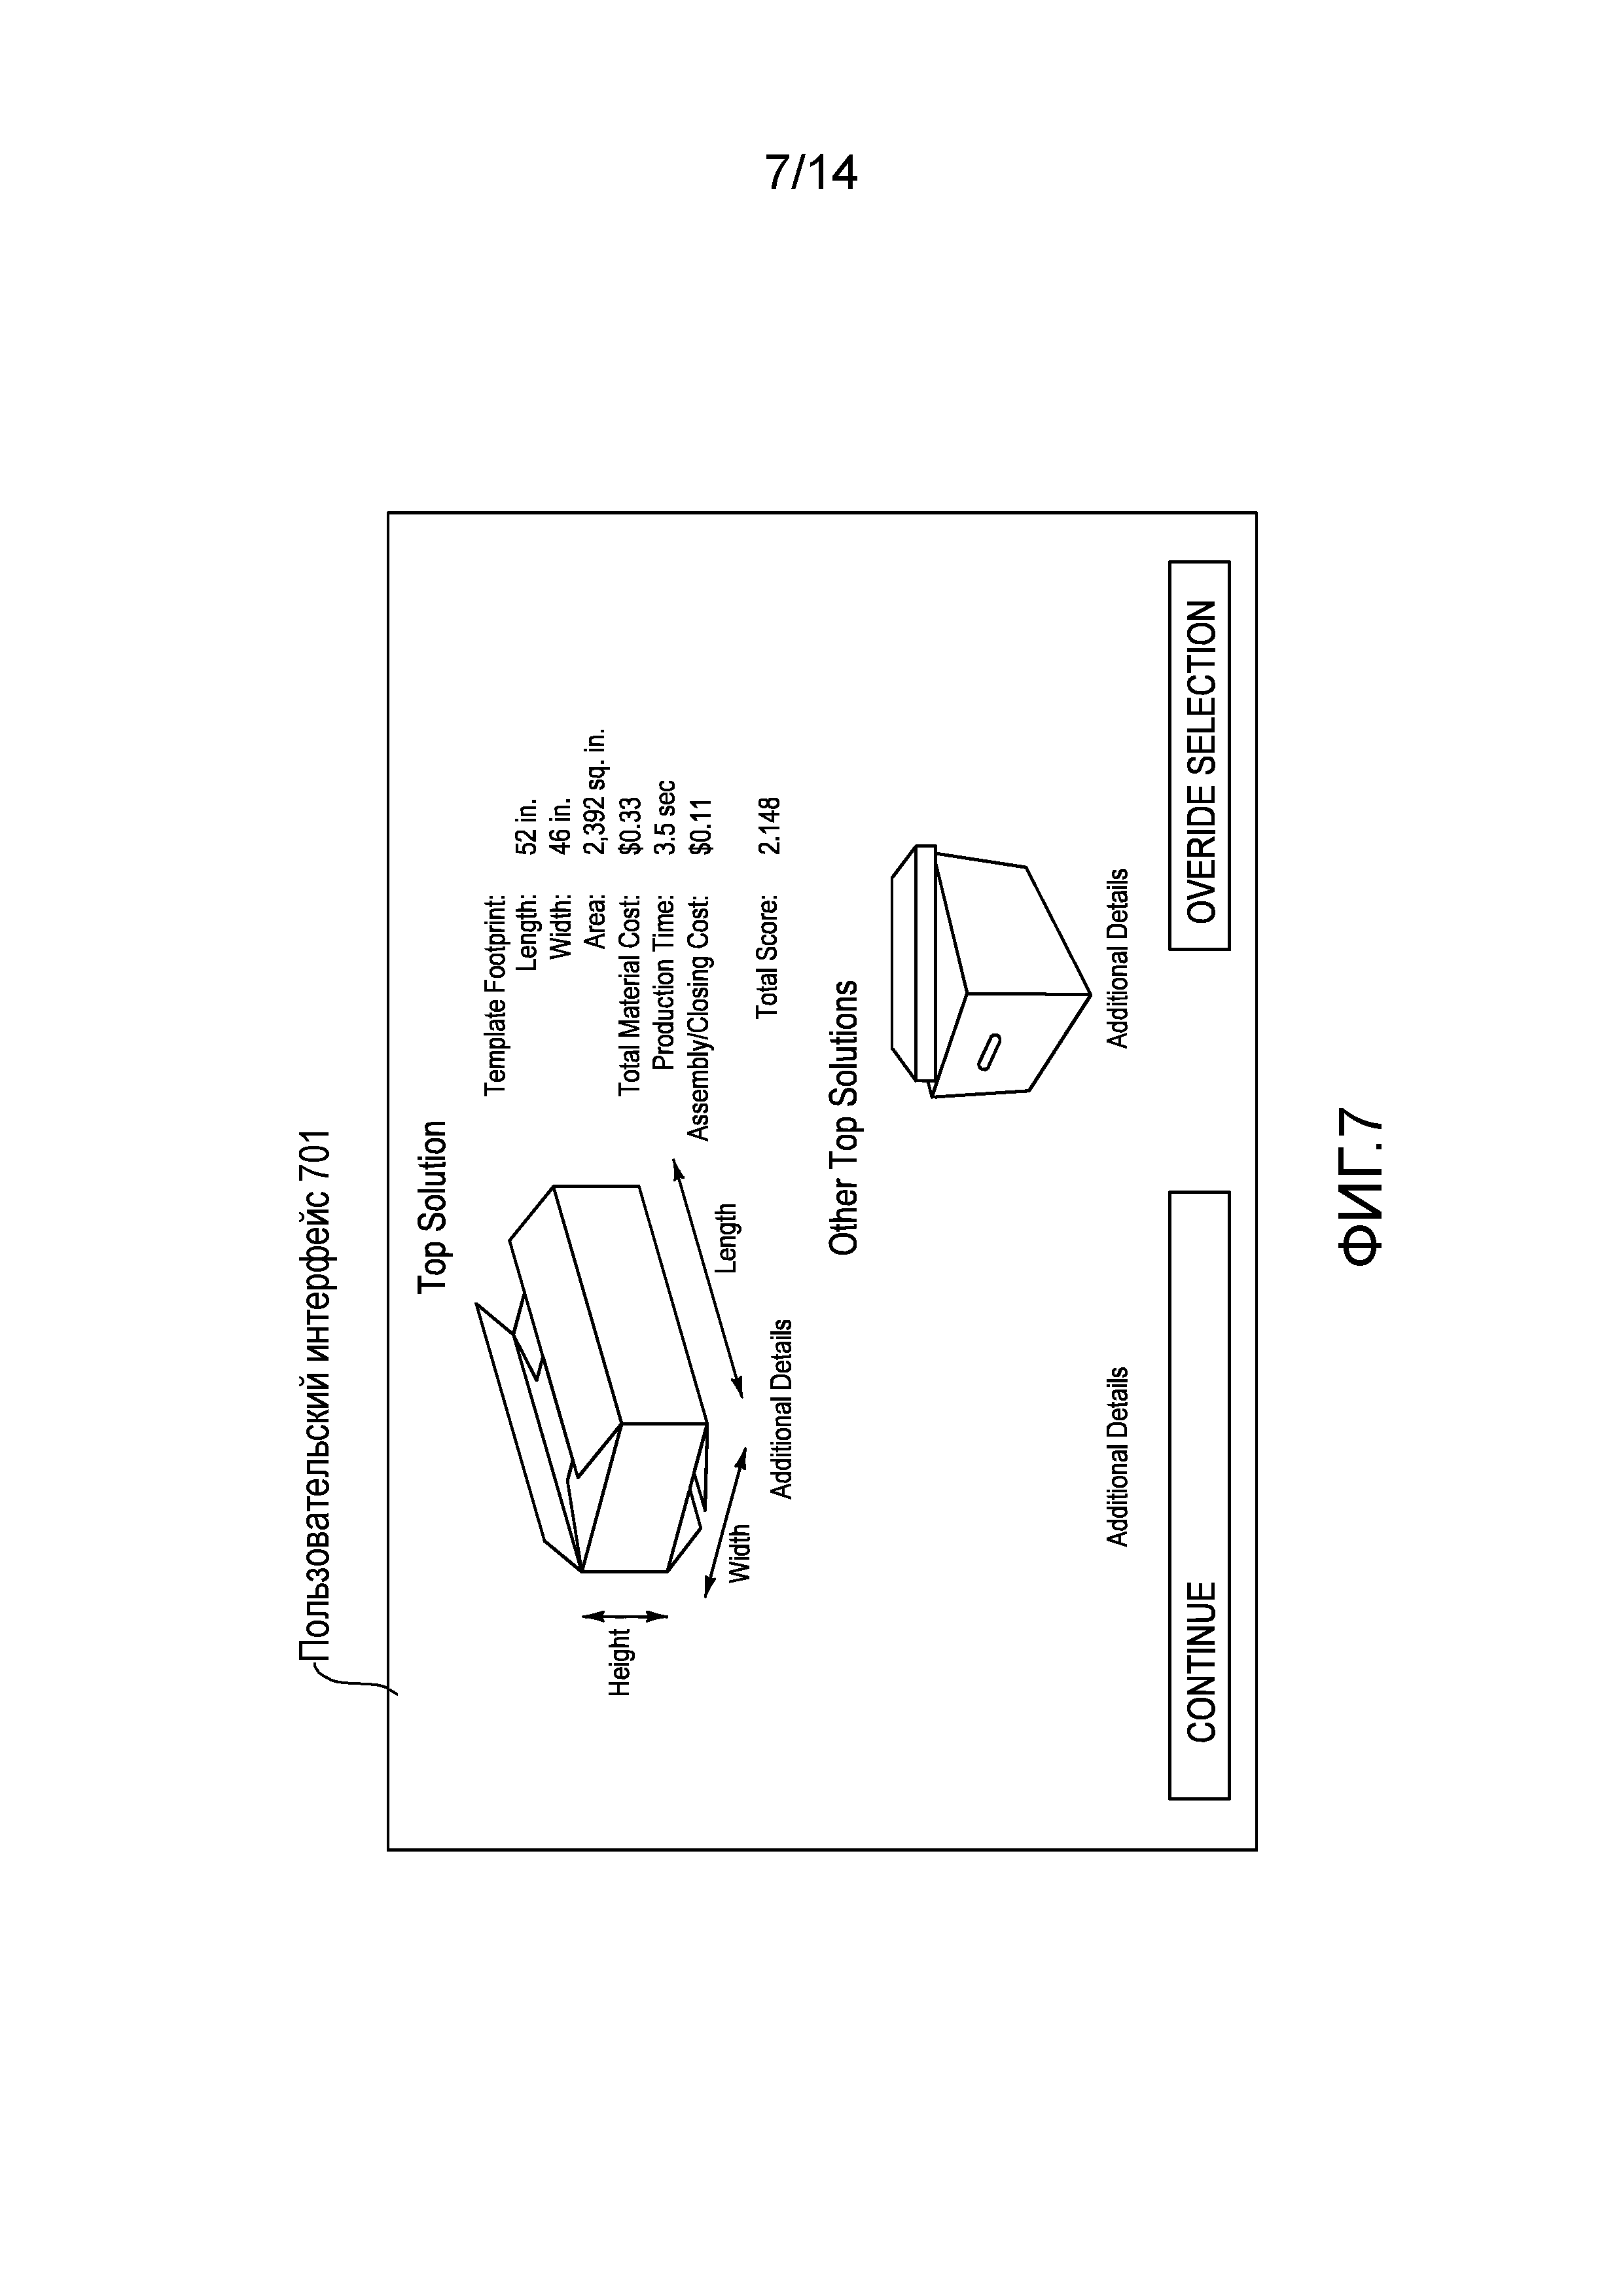 Мозаичное производство упаковочных материалов